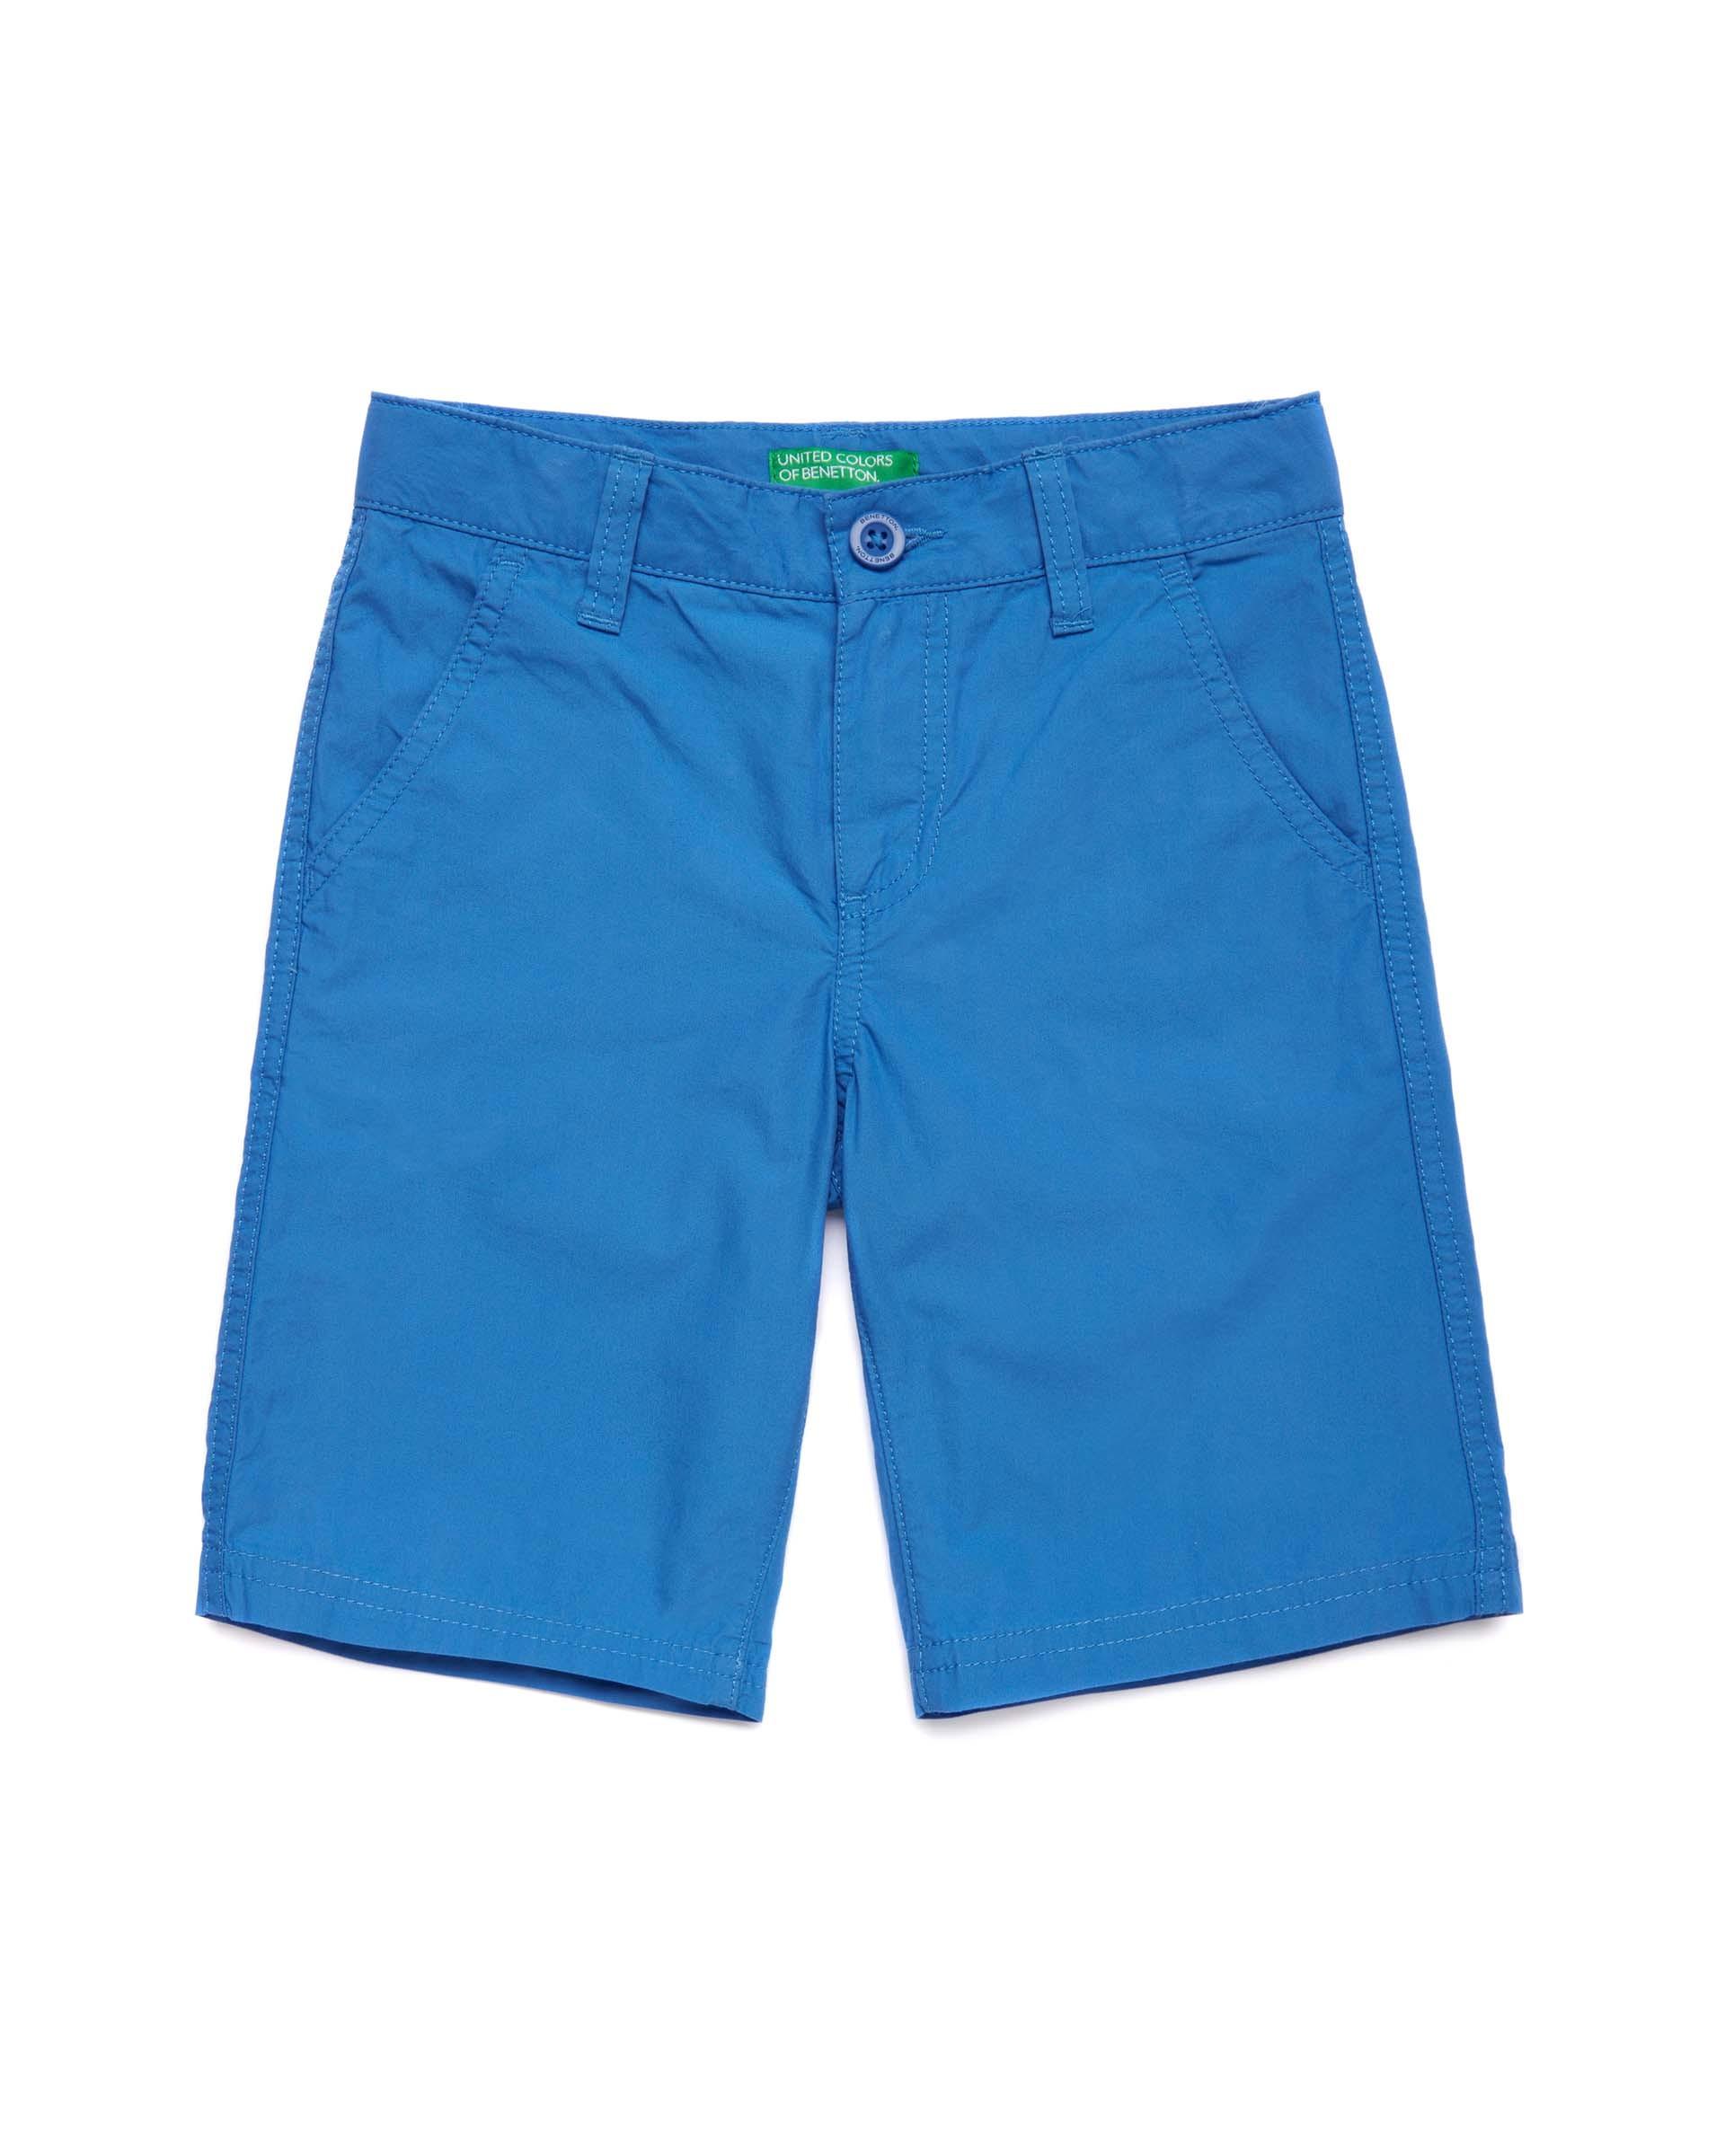 Купить 20P_4AC759270_08A, Шорты для мальчиков Benetton 4AC759270_08A р-р 152, United Colors of Benetton